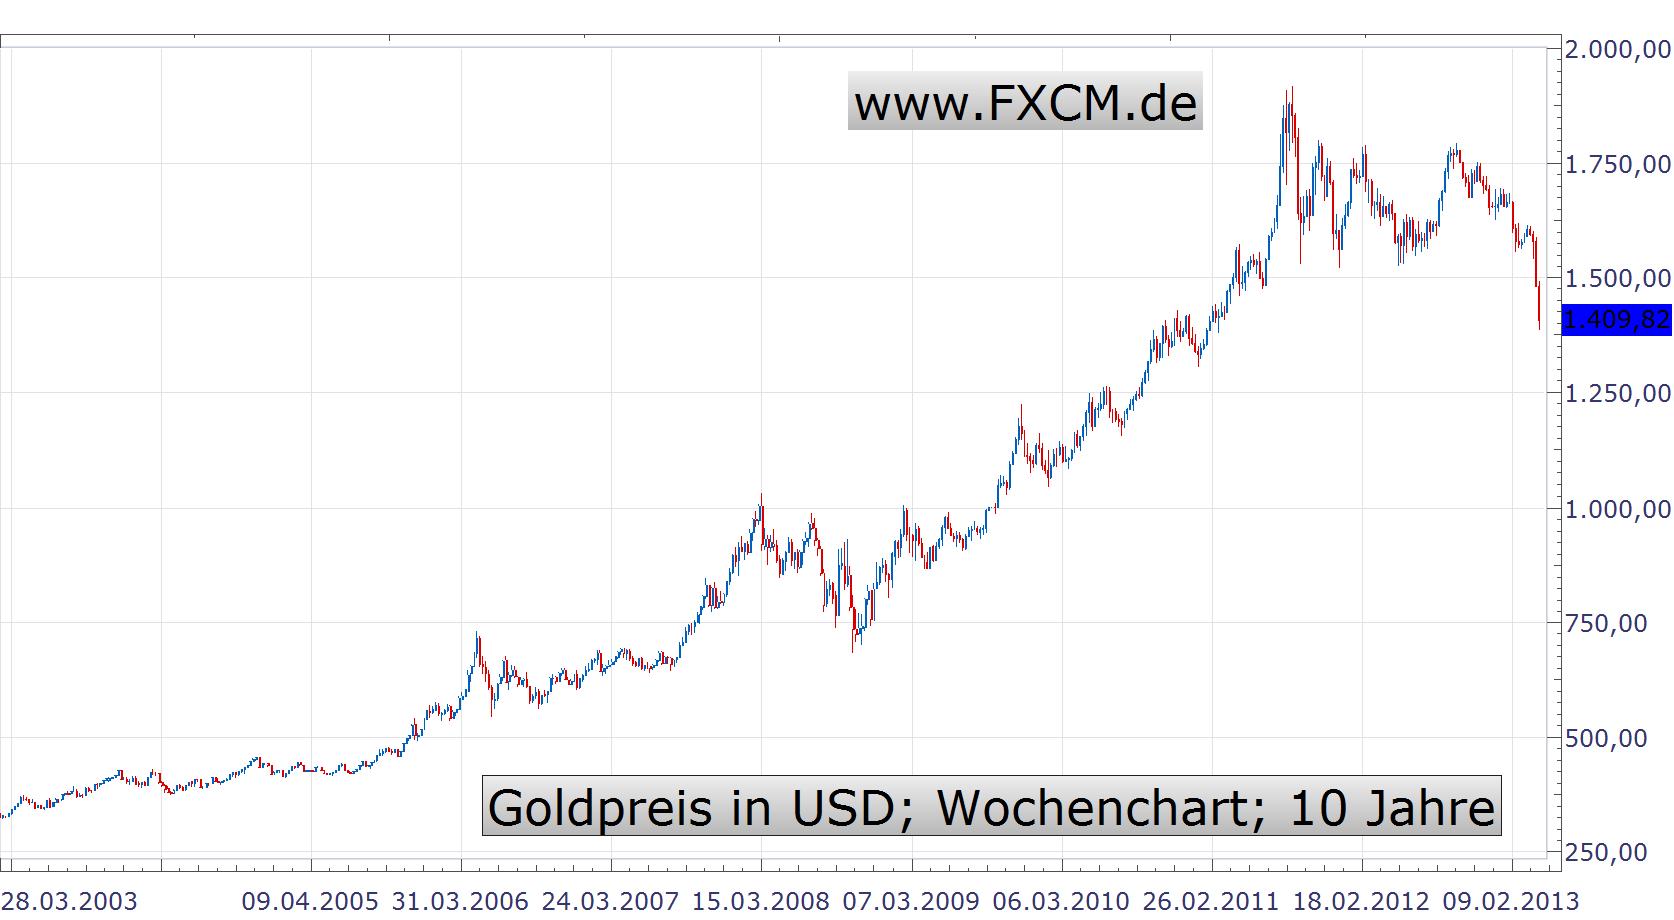 Goldpreis in USD; Wochenchart; 10 Jahre